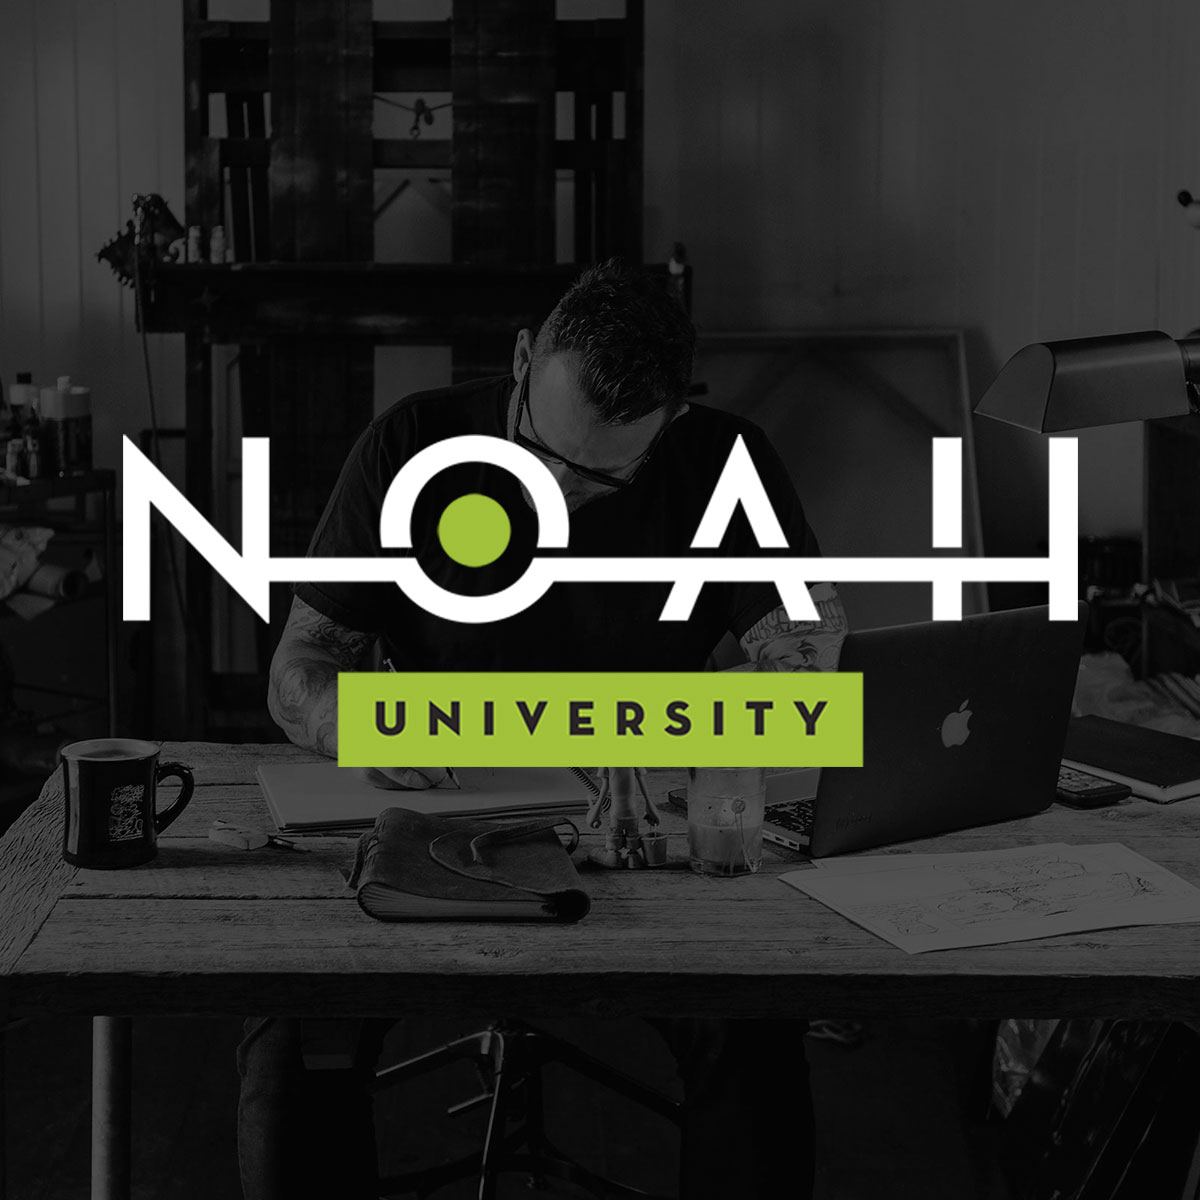 NOAHU_image